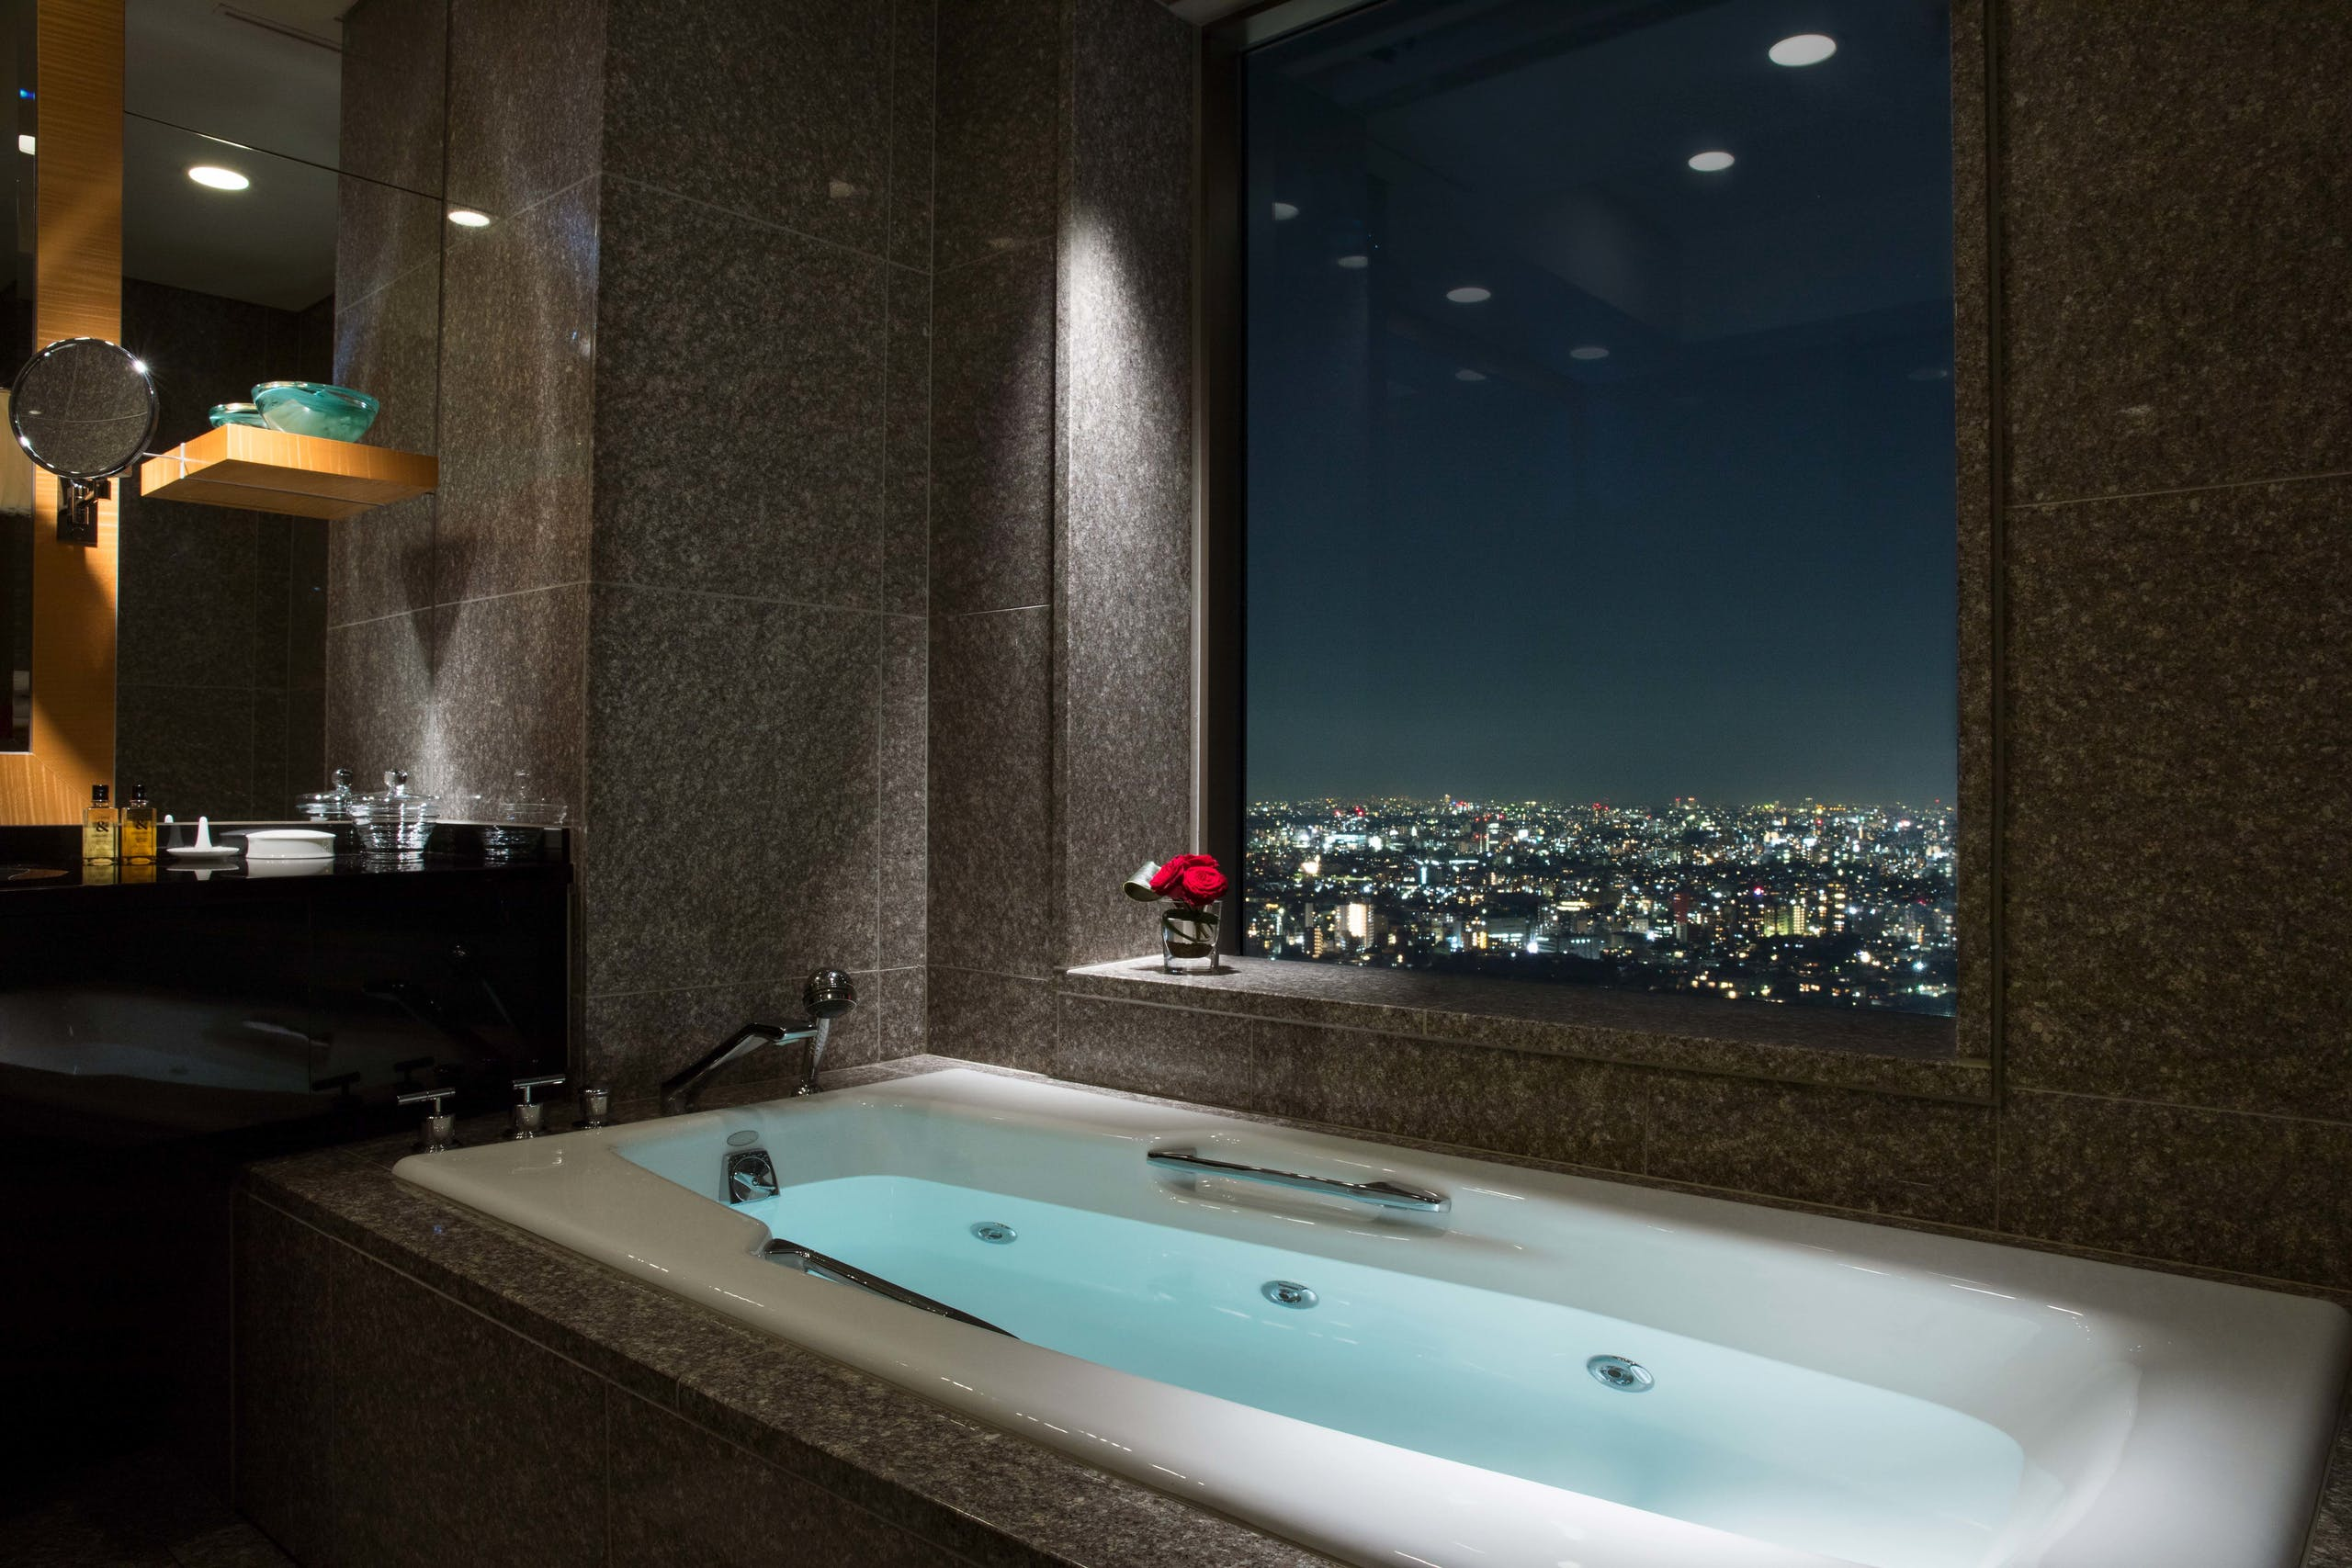 セルリアンタワー東急ホテル スイート バスルームイメージ